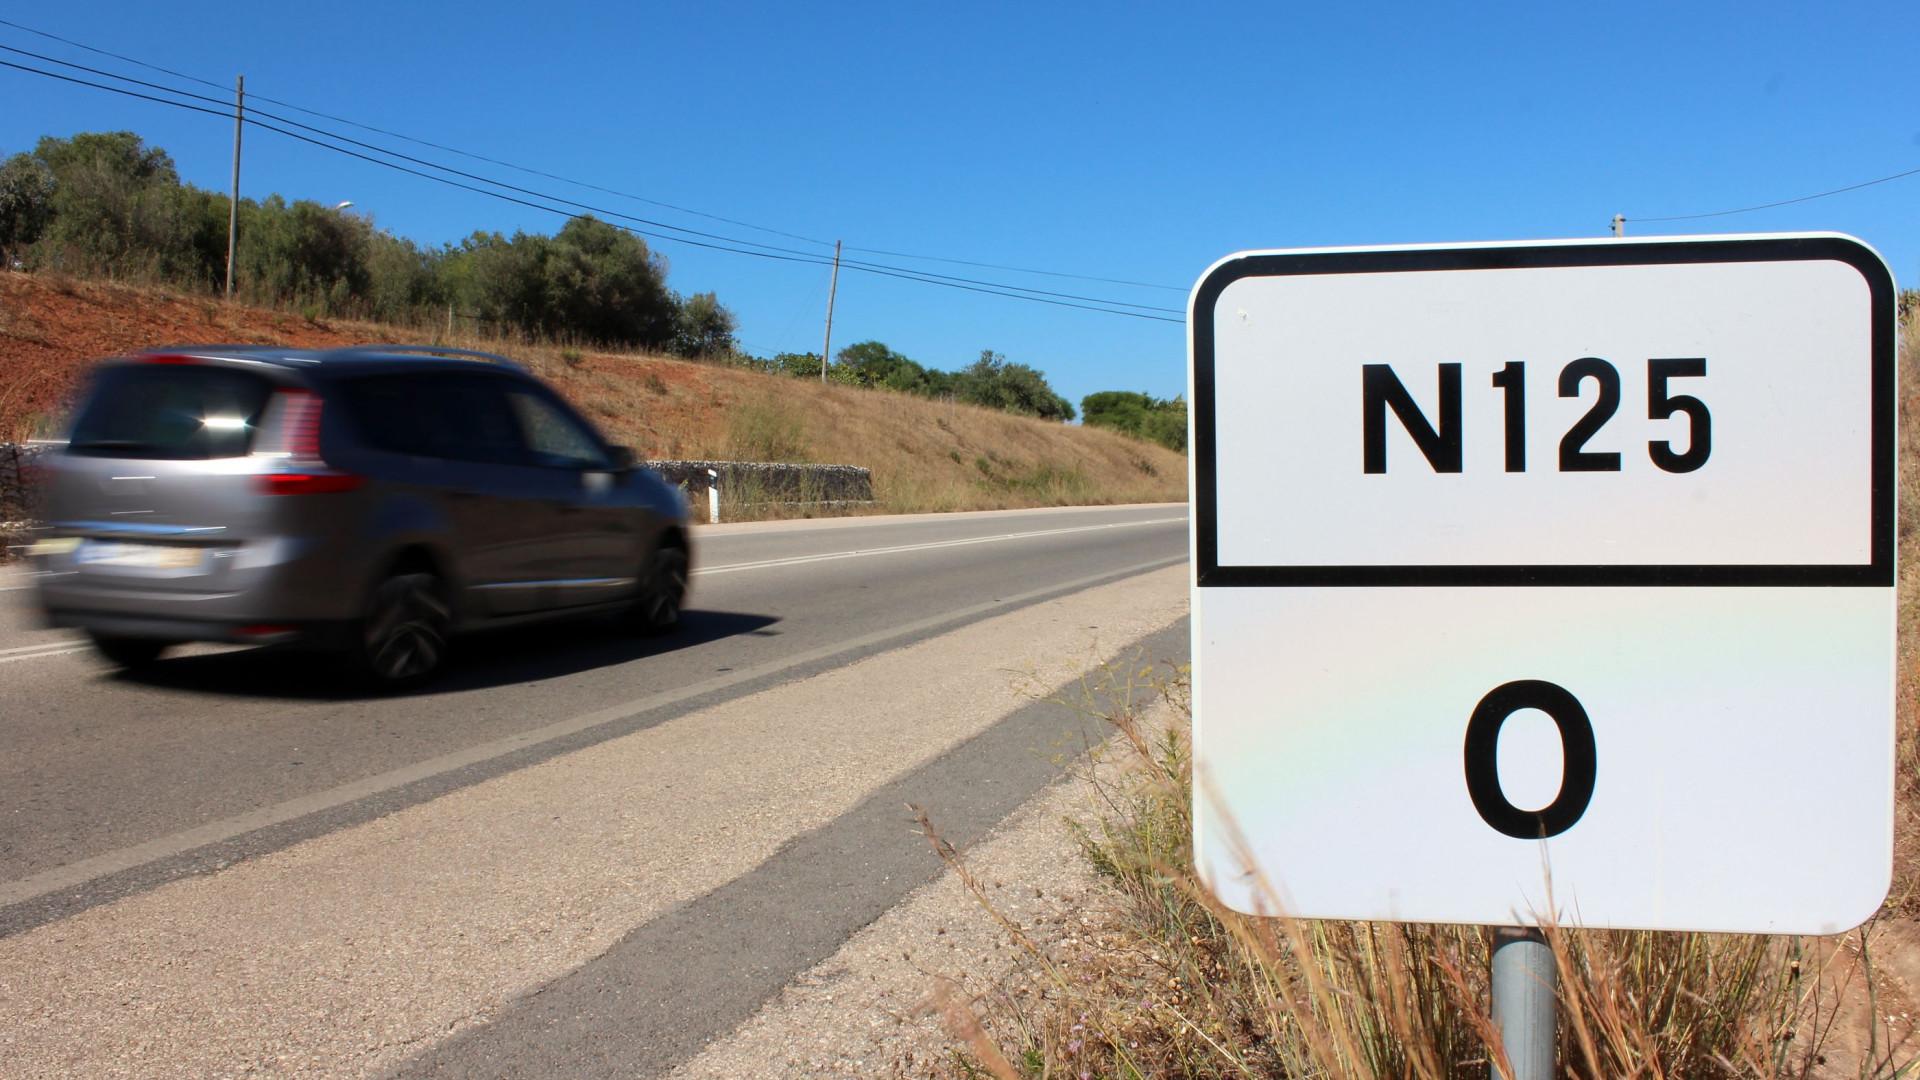 Marcha de 5 quilómetros pede hoje requalificação urgente da EN125